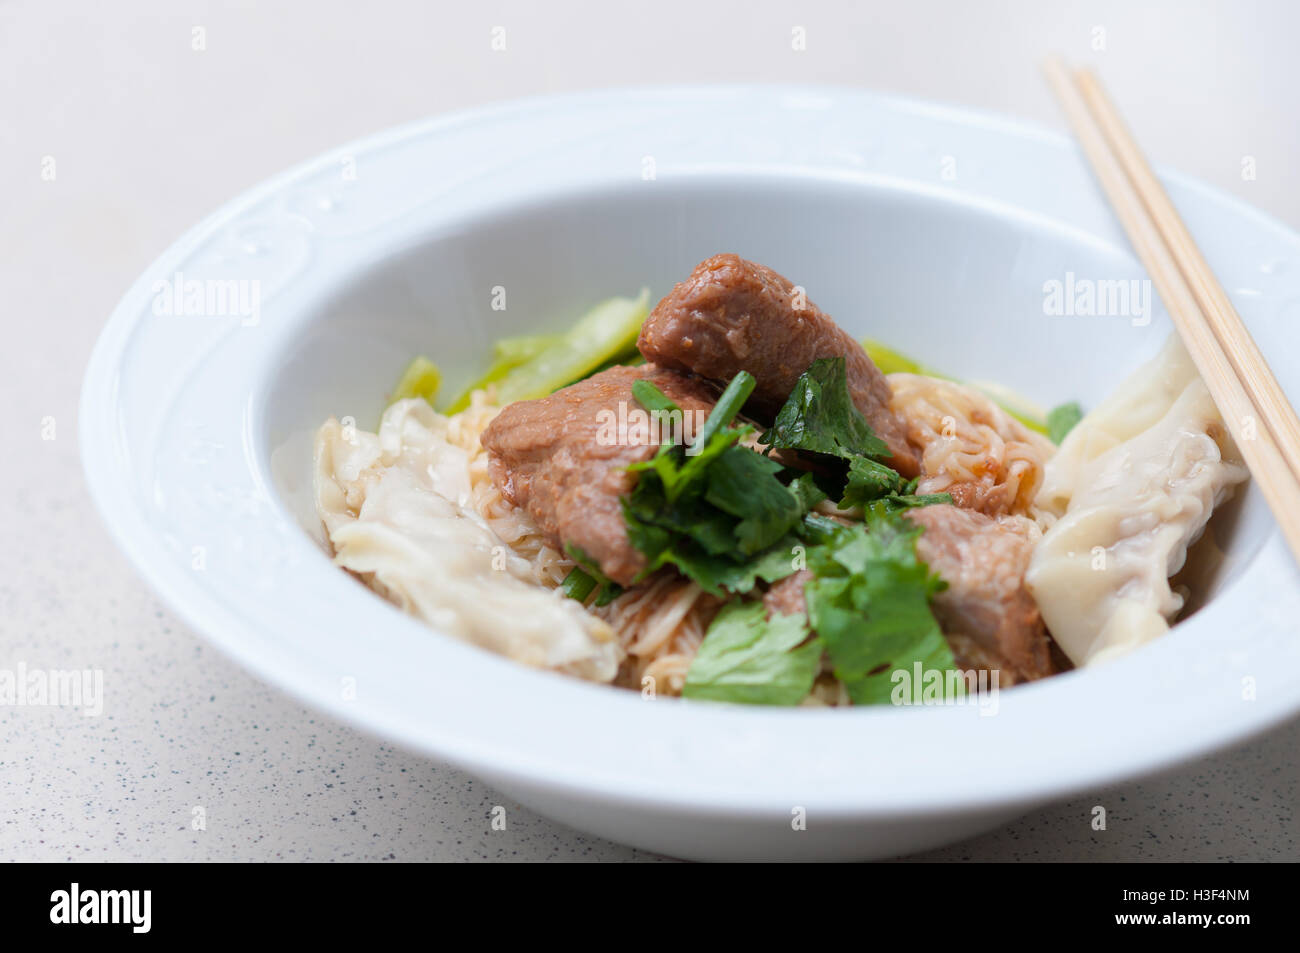 Eiernudeln mit köstlich geschmortes Schweinefleisch und Knödel in weiße Schüssel. Stockbild